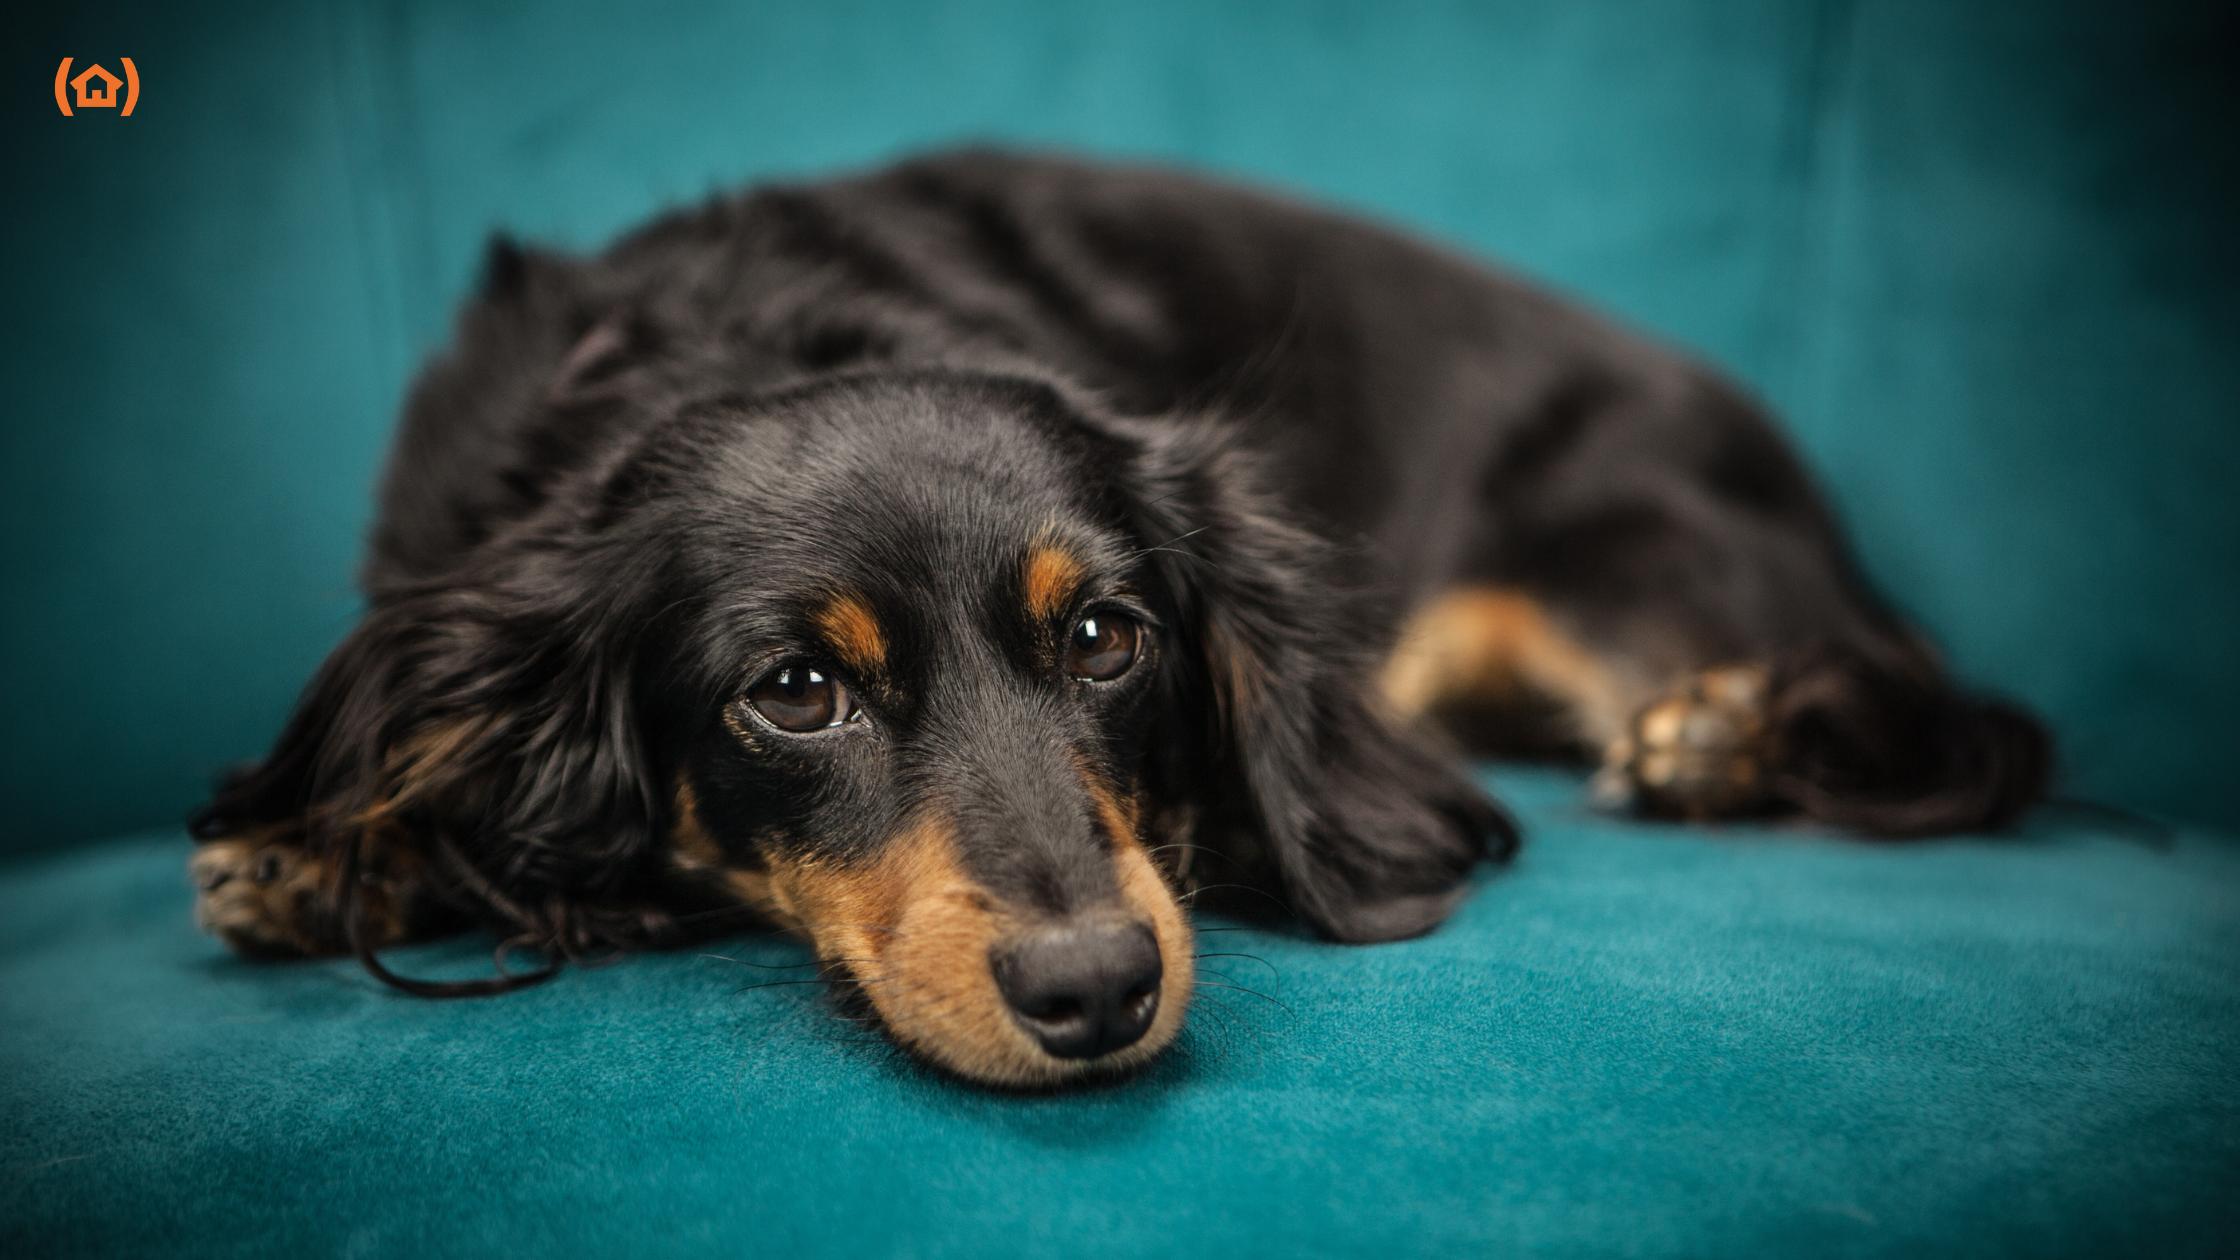 Los perros pueden ser terapéuticos para las personas. A los adultos mayores pueden aportarles grandes beneficios. Descubre cuáles son en nuestro blog.